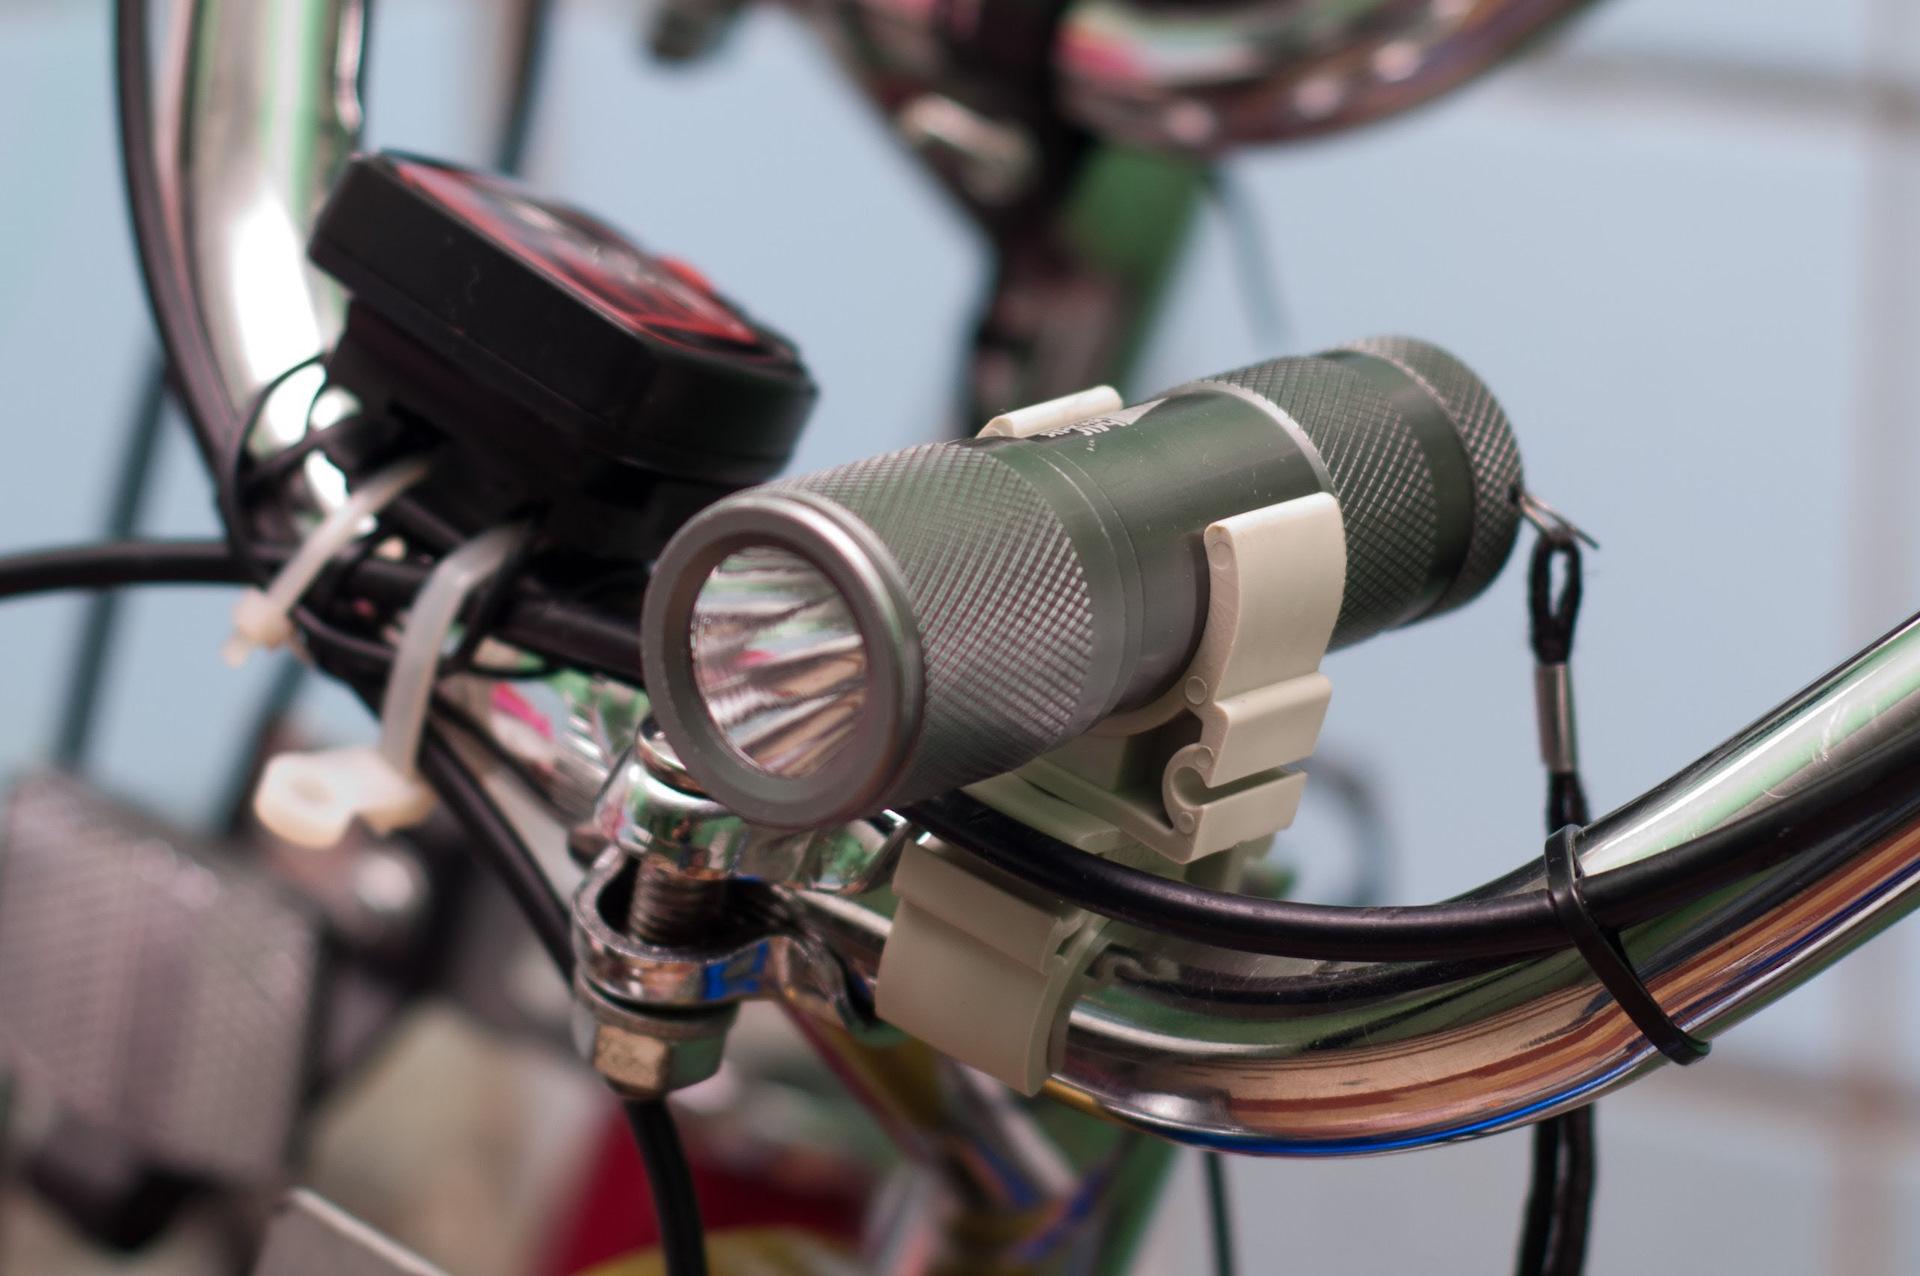 Световые приборы велосипеда